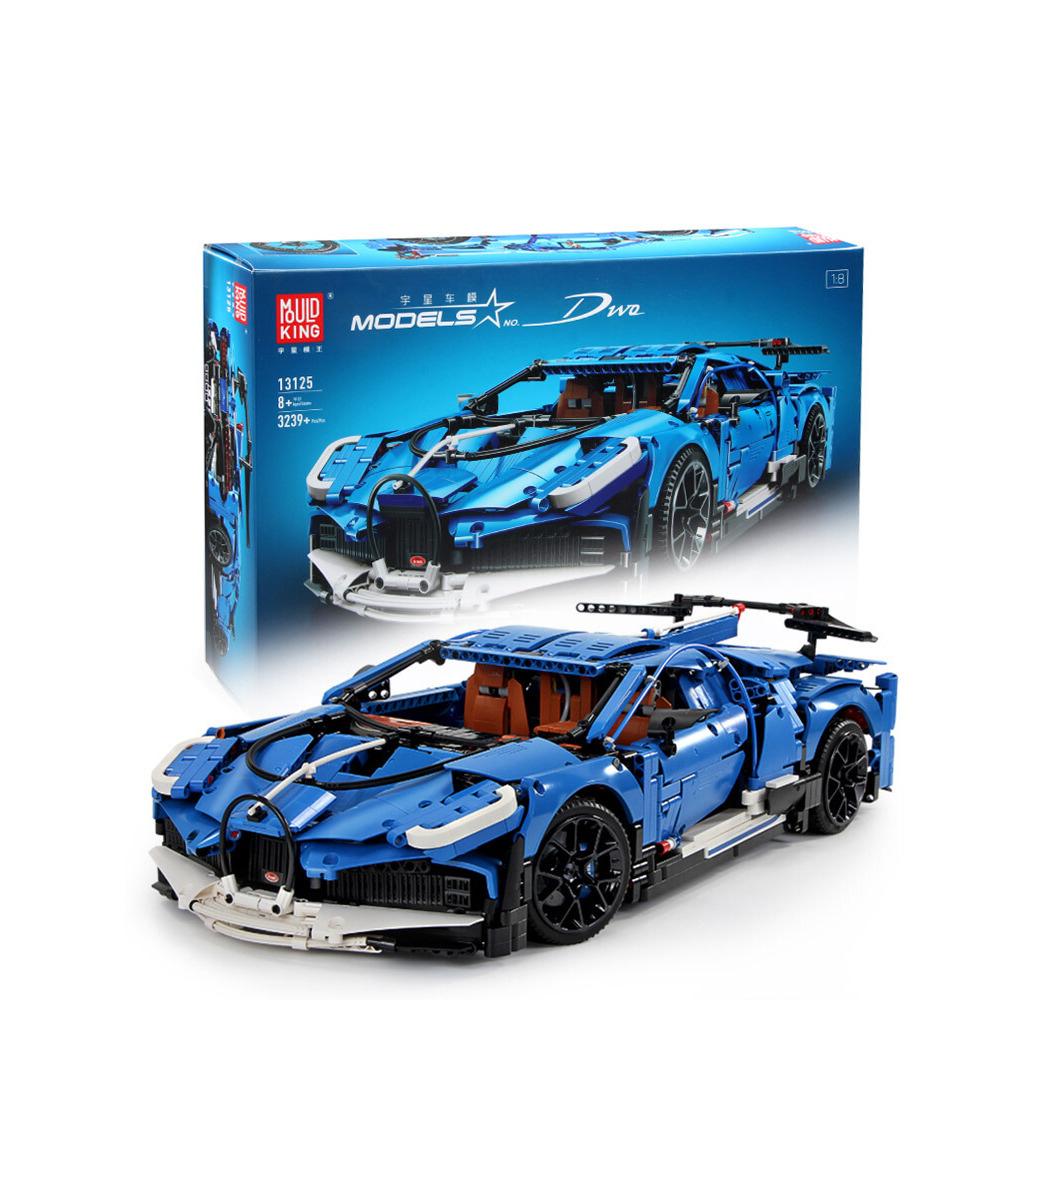 Moule Roi 13125 Bugatti Divo Super Voiture De Sport Blocs De concernant Jeux De Super Voiture